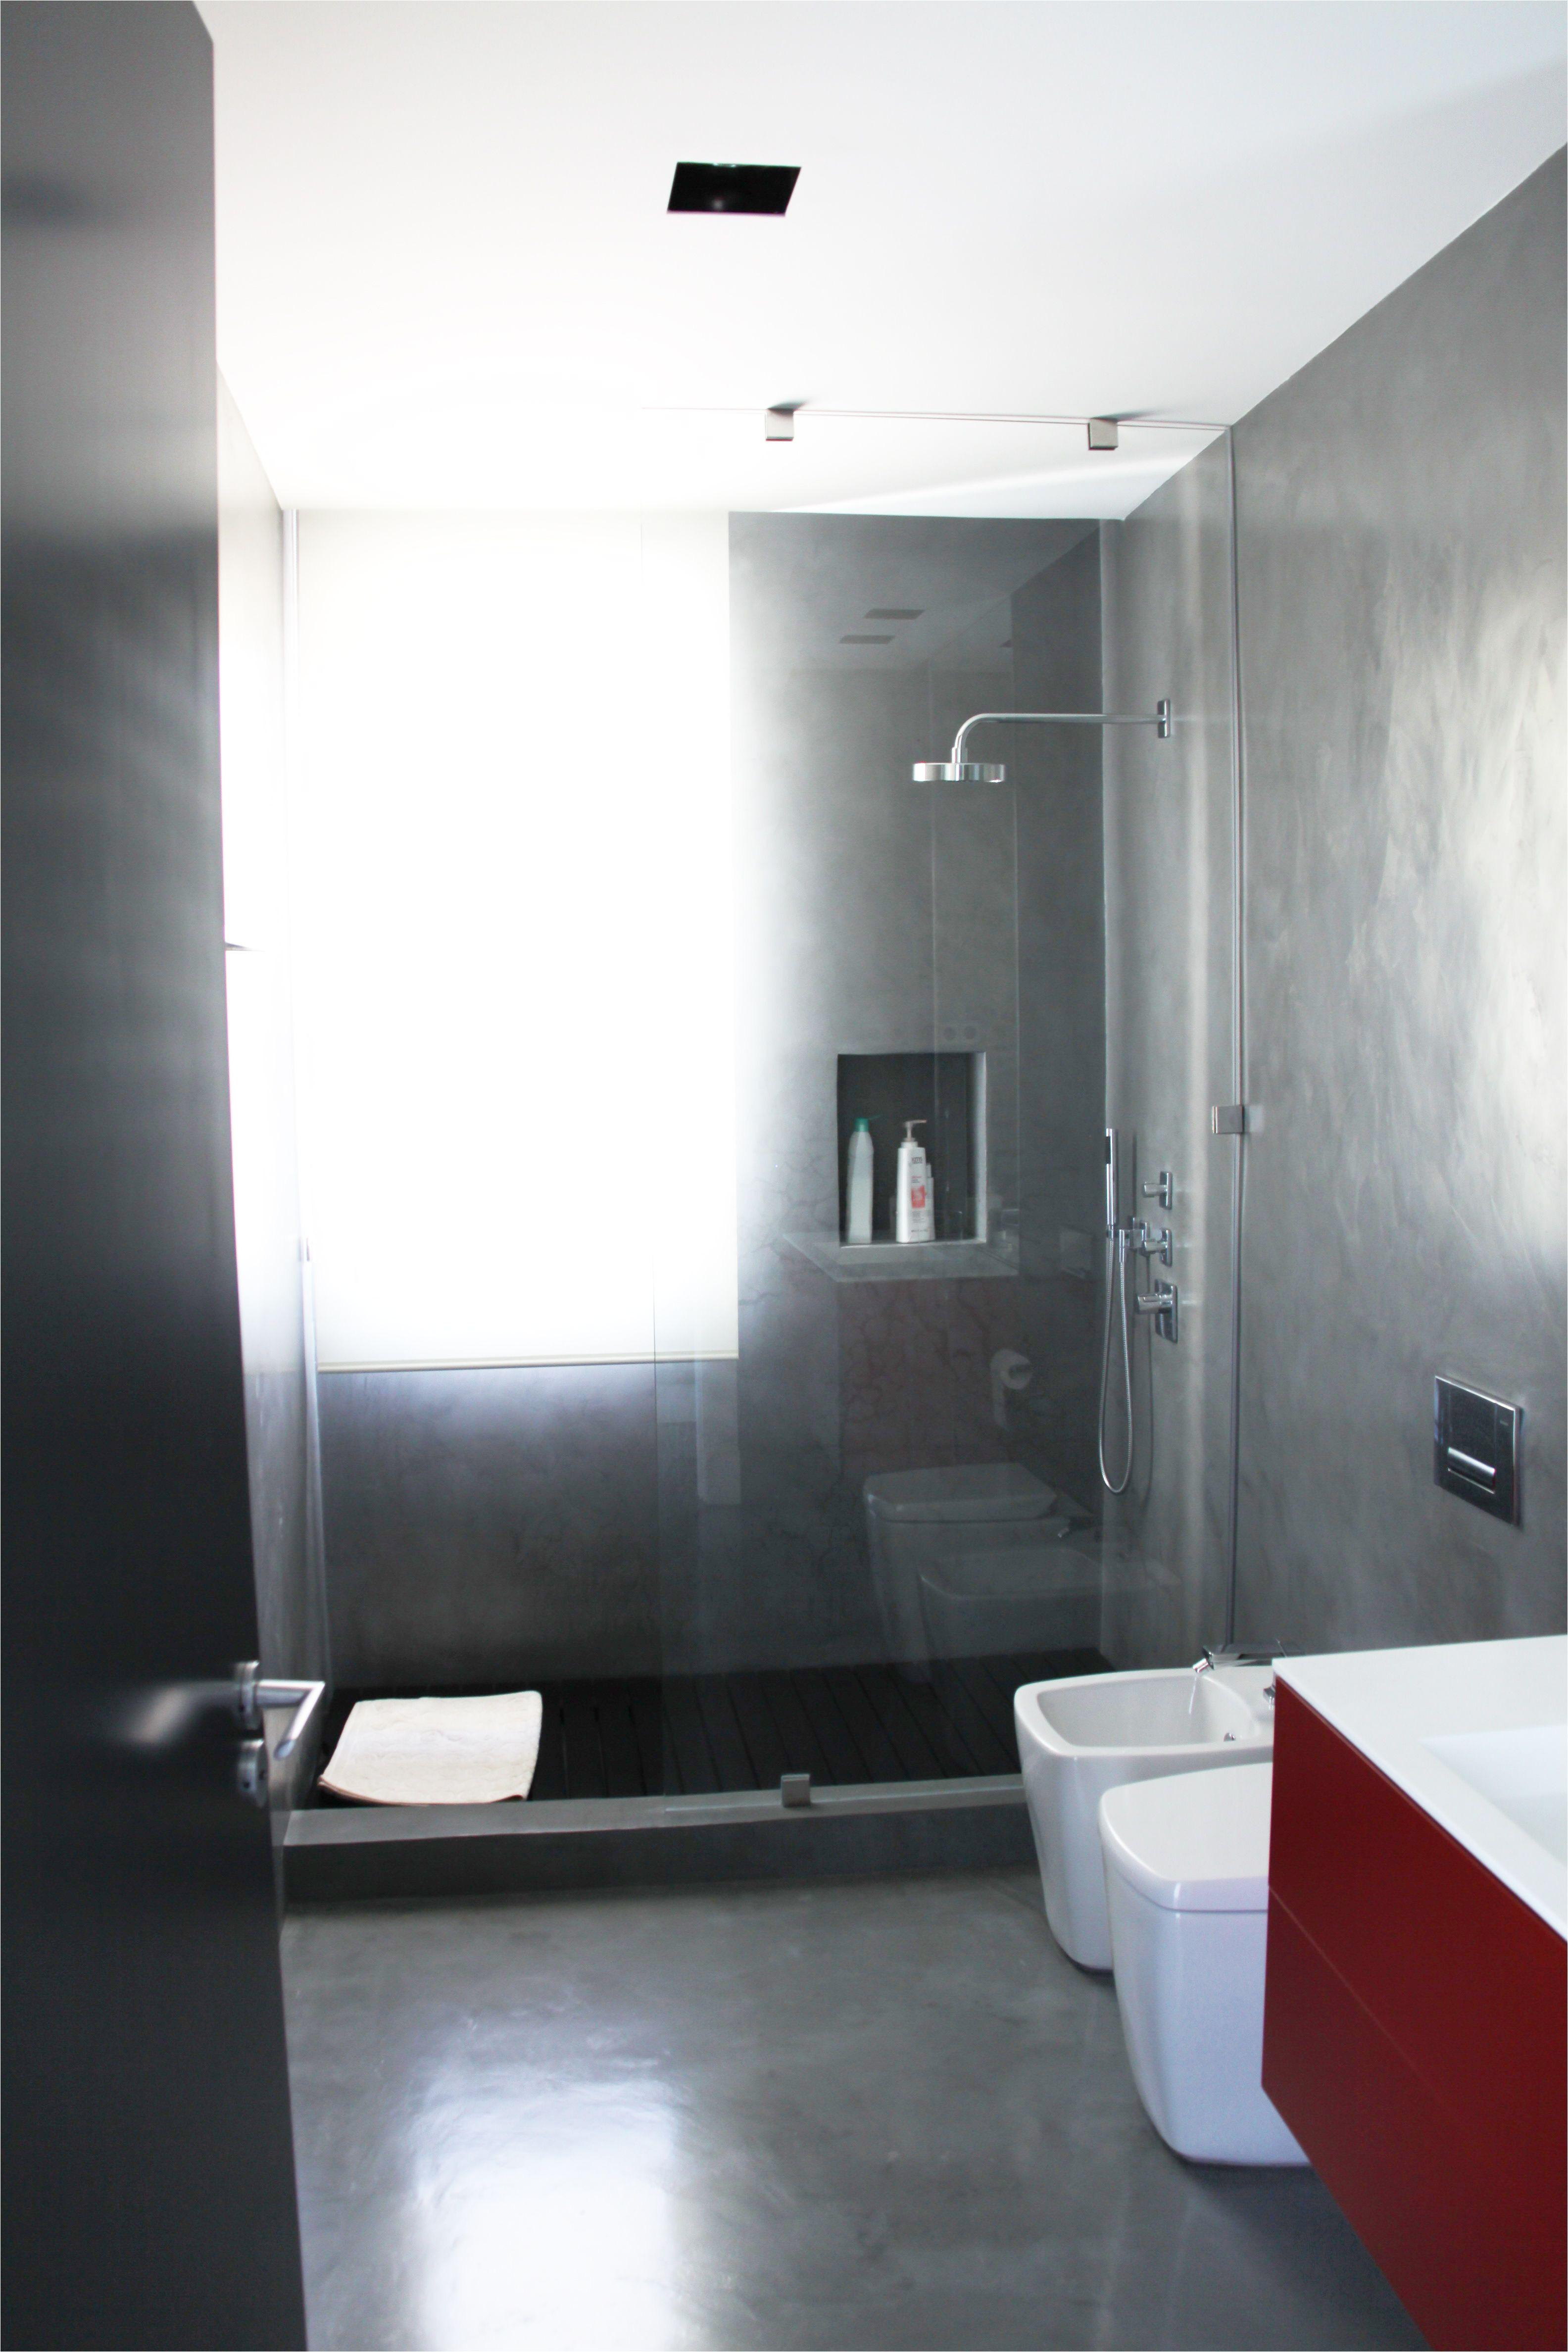 Colores De Pintura Para Baños Modernos La Flamante Decoracion Baa Os Modernos Planificacia N Hacia Sala